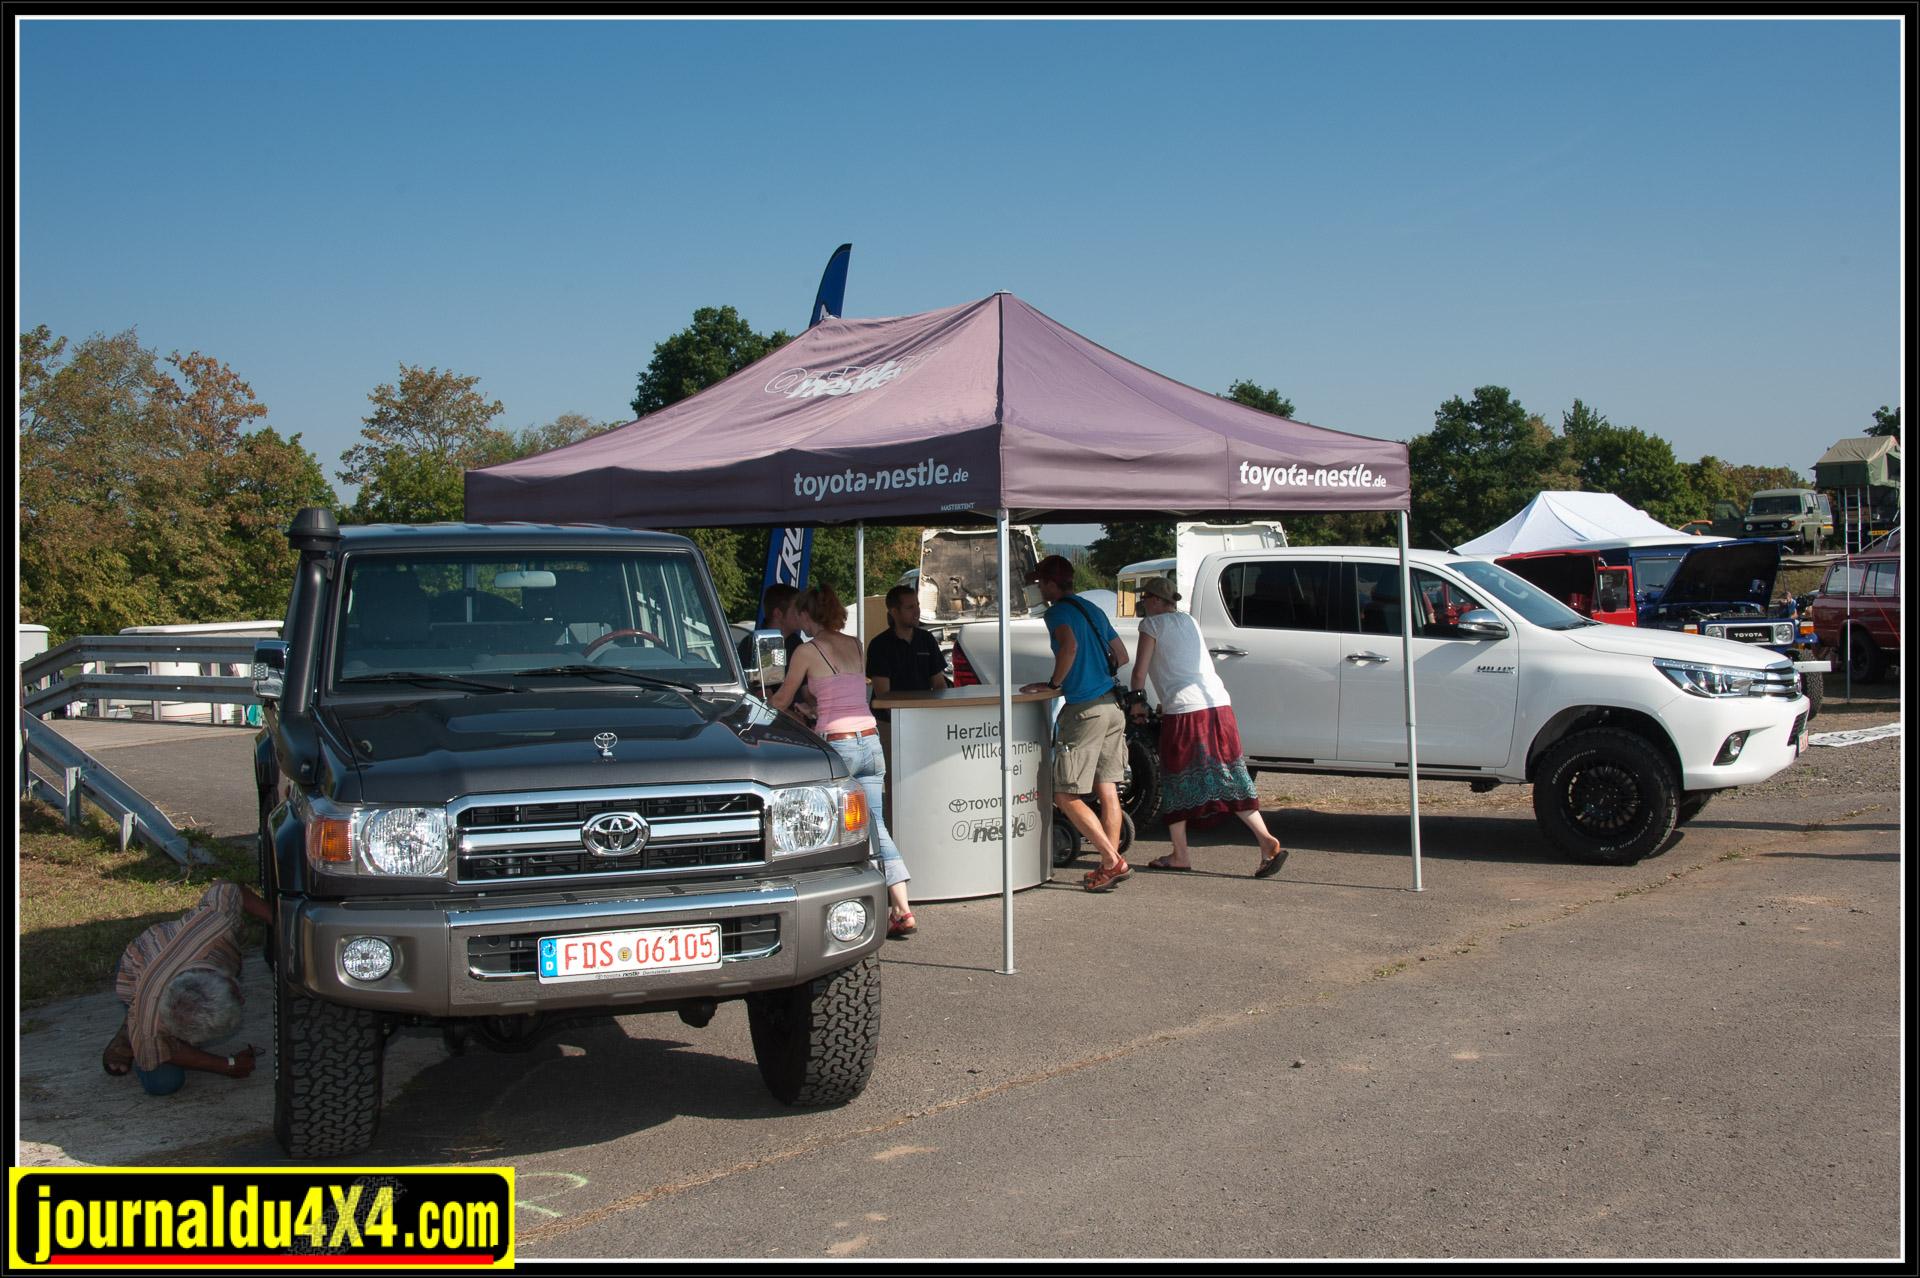 Nesle est un concessionnaire Toyota situé dans le Bade-Wurtemberg qui propose également des séries 7 neufs.